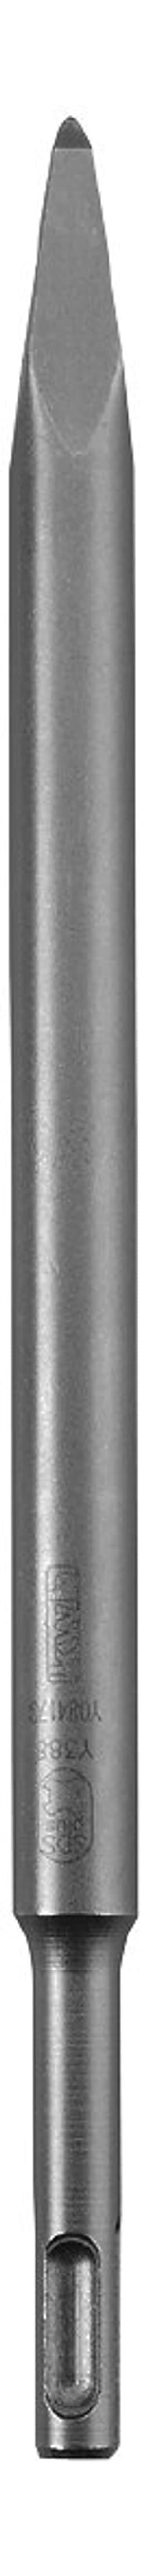 SDS plus Spitzmeissel, 250 mm